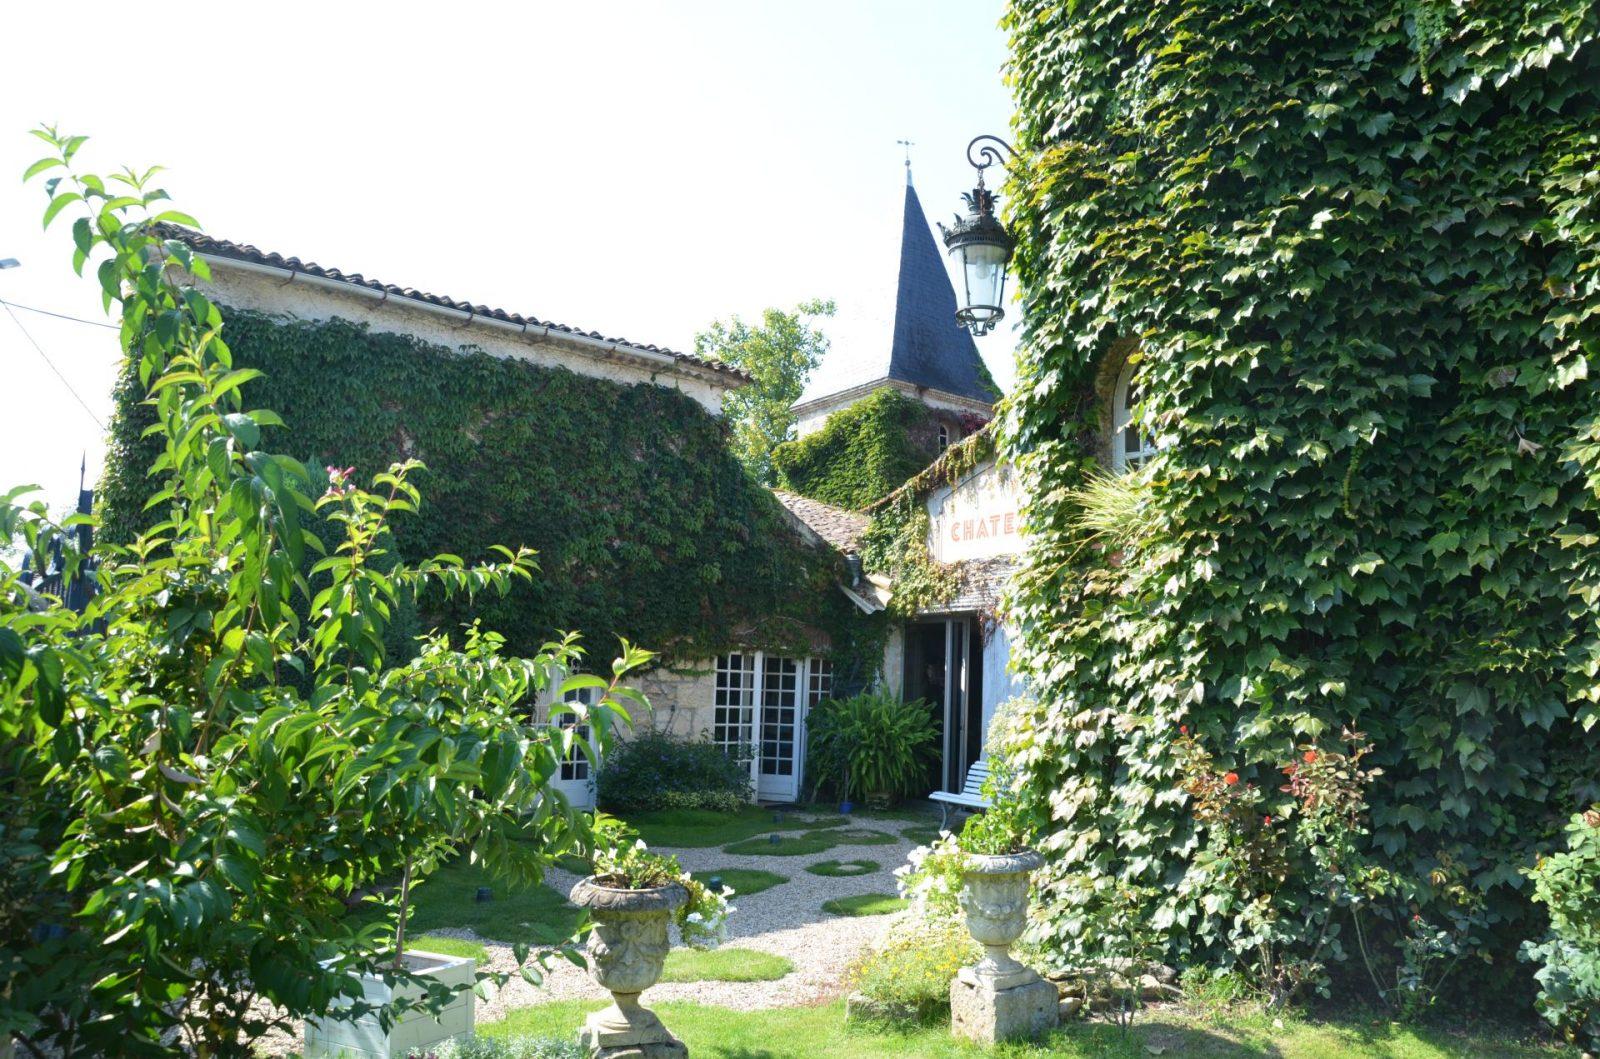 Destination Garonne, Château Gravas, Barsac